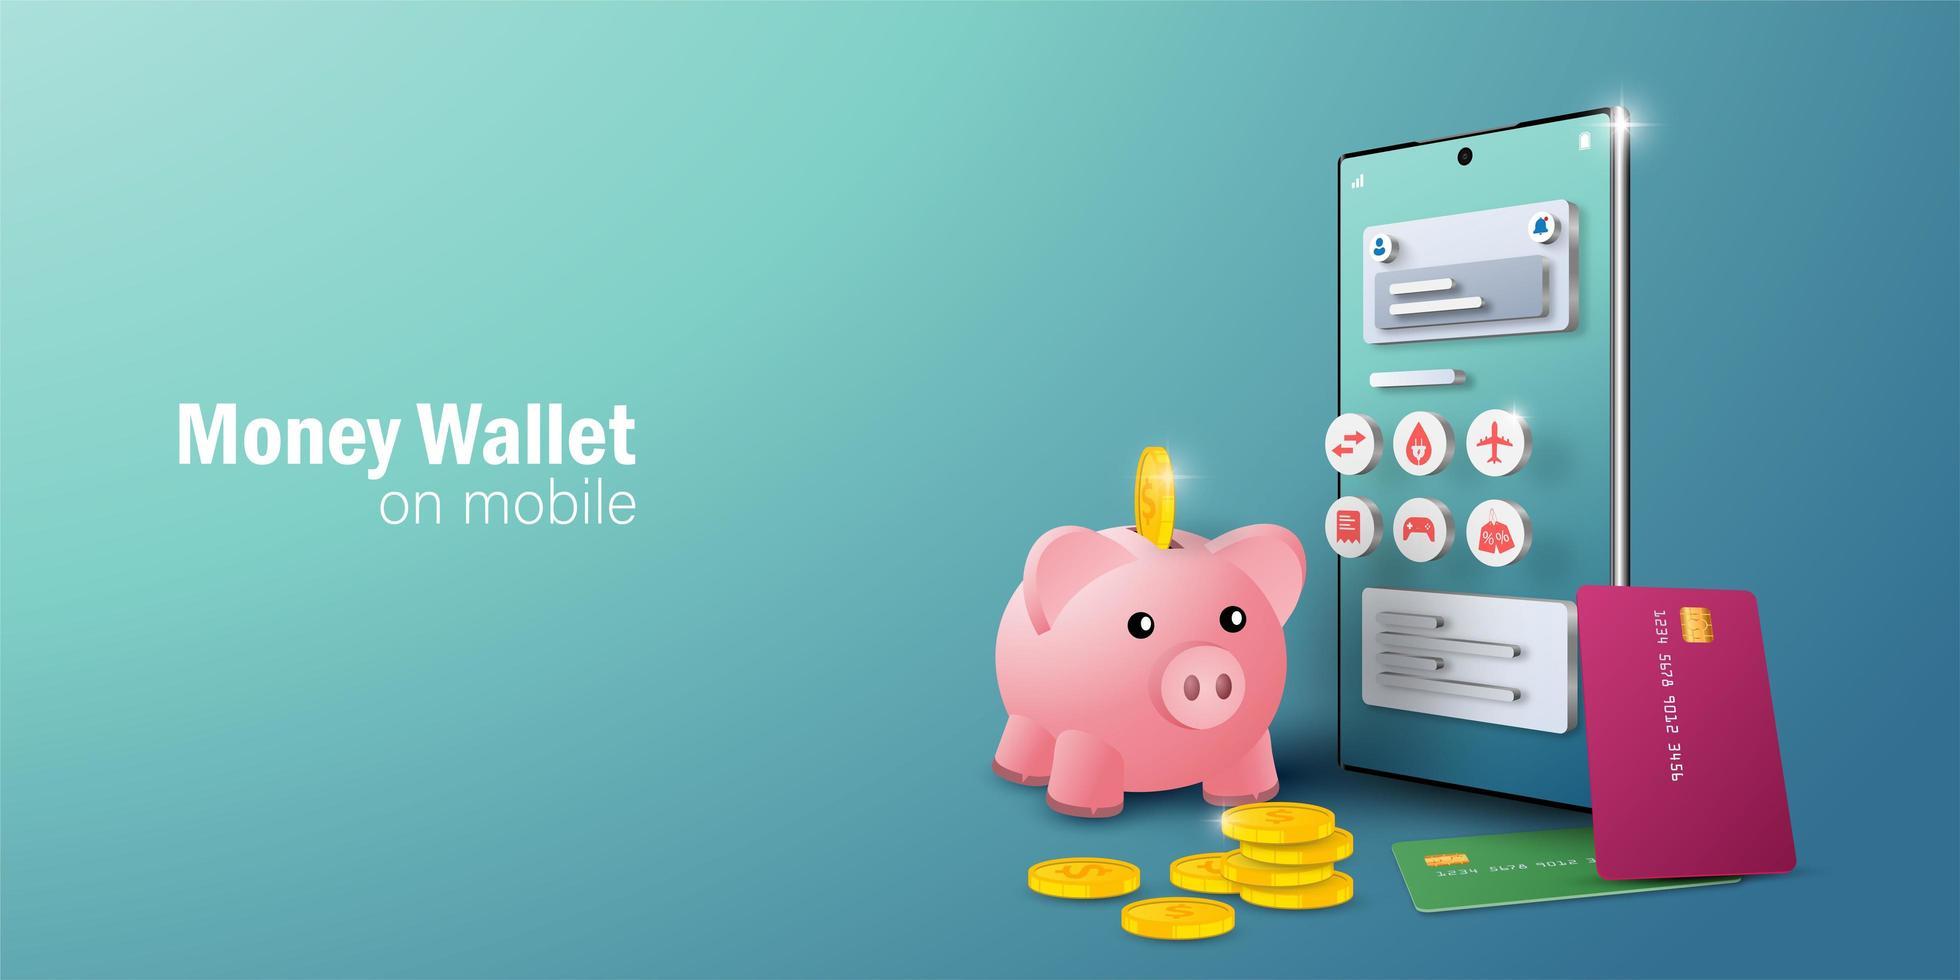 Applicazione e-wallet su smartphone mobile per transazioni online e fatturazione vettore